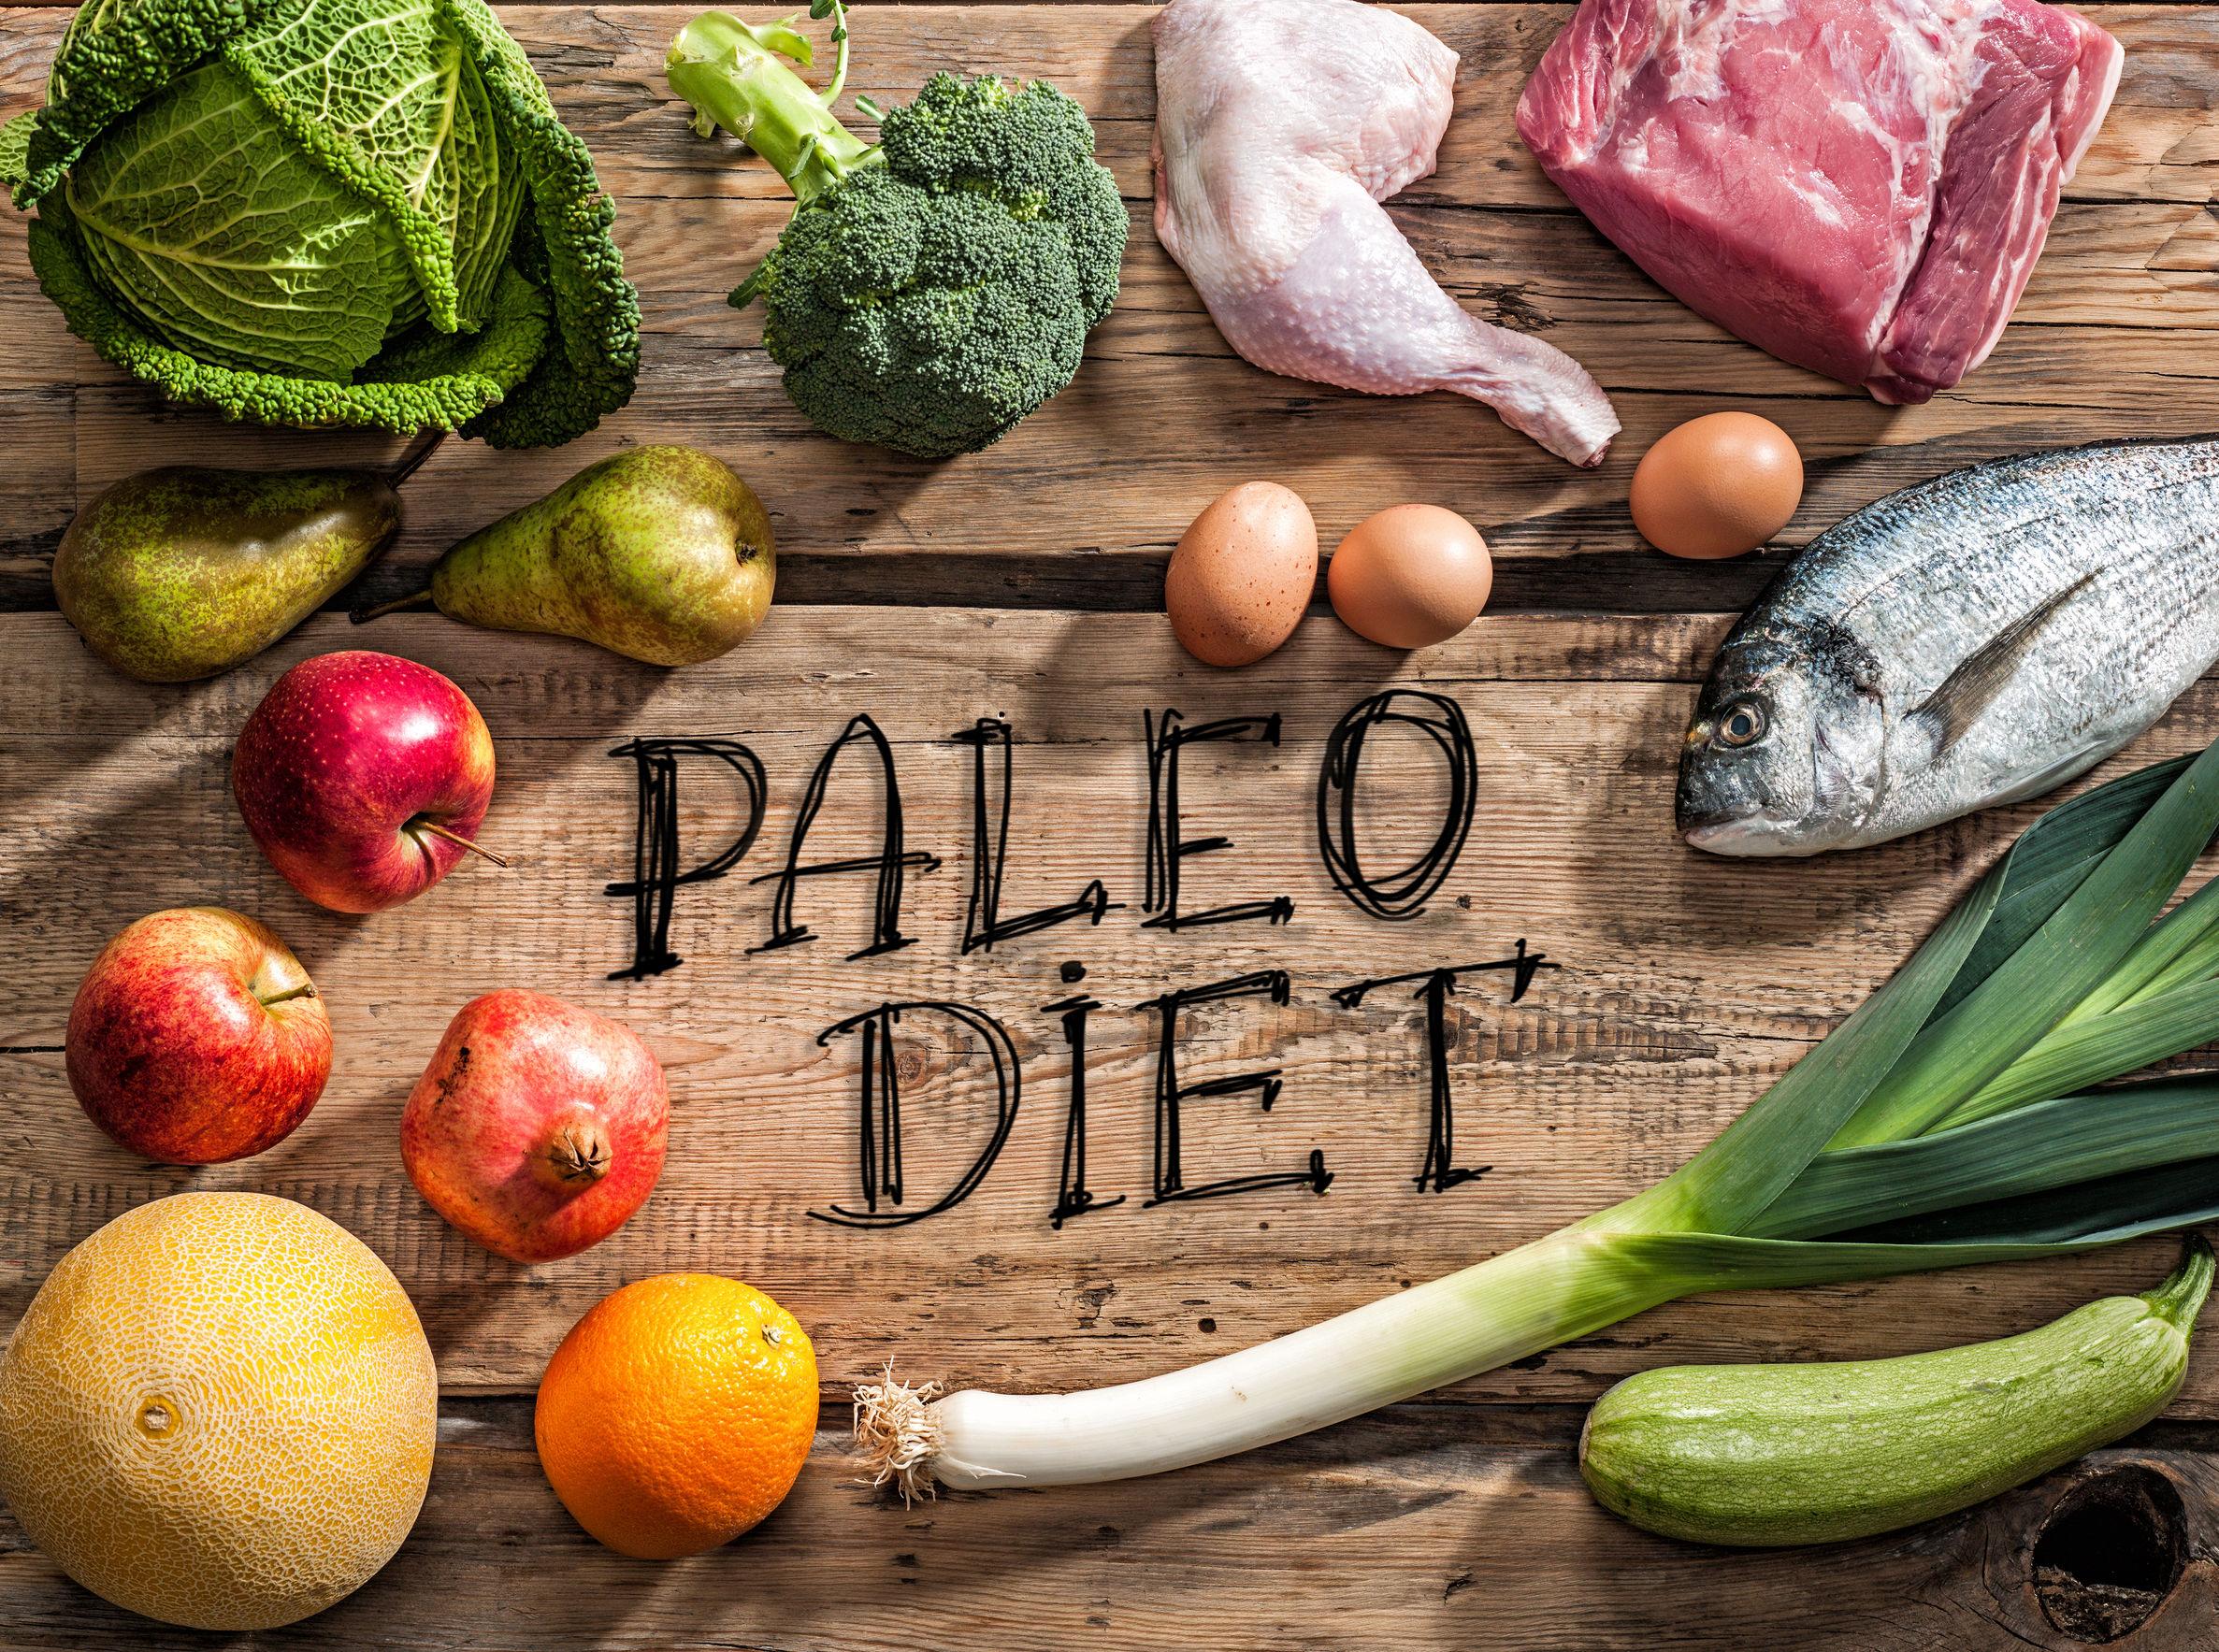 paleo dieet groenten